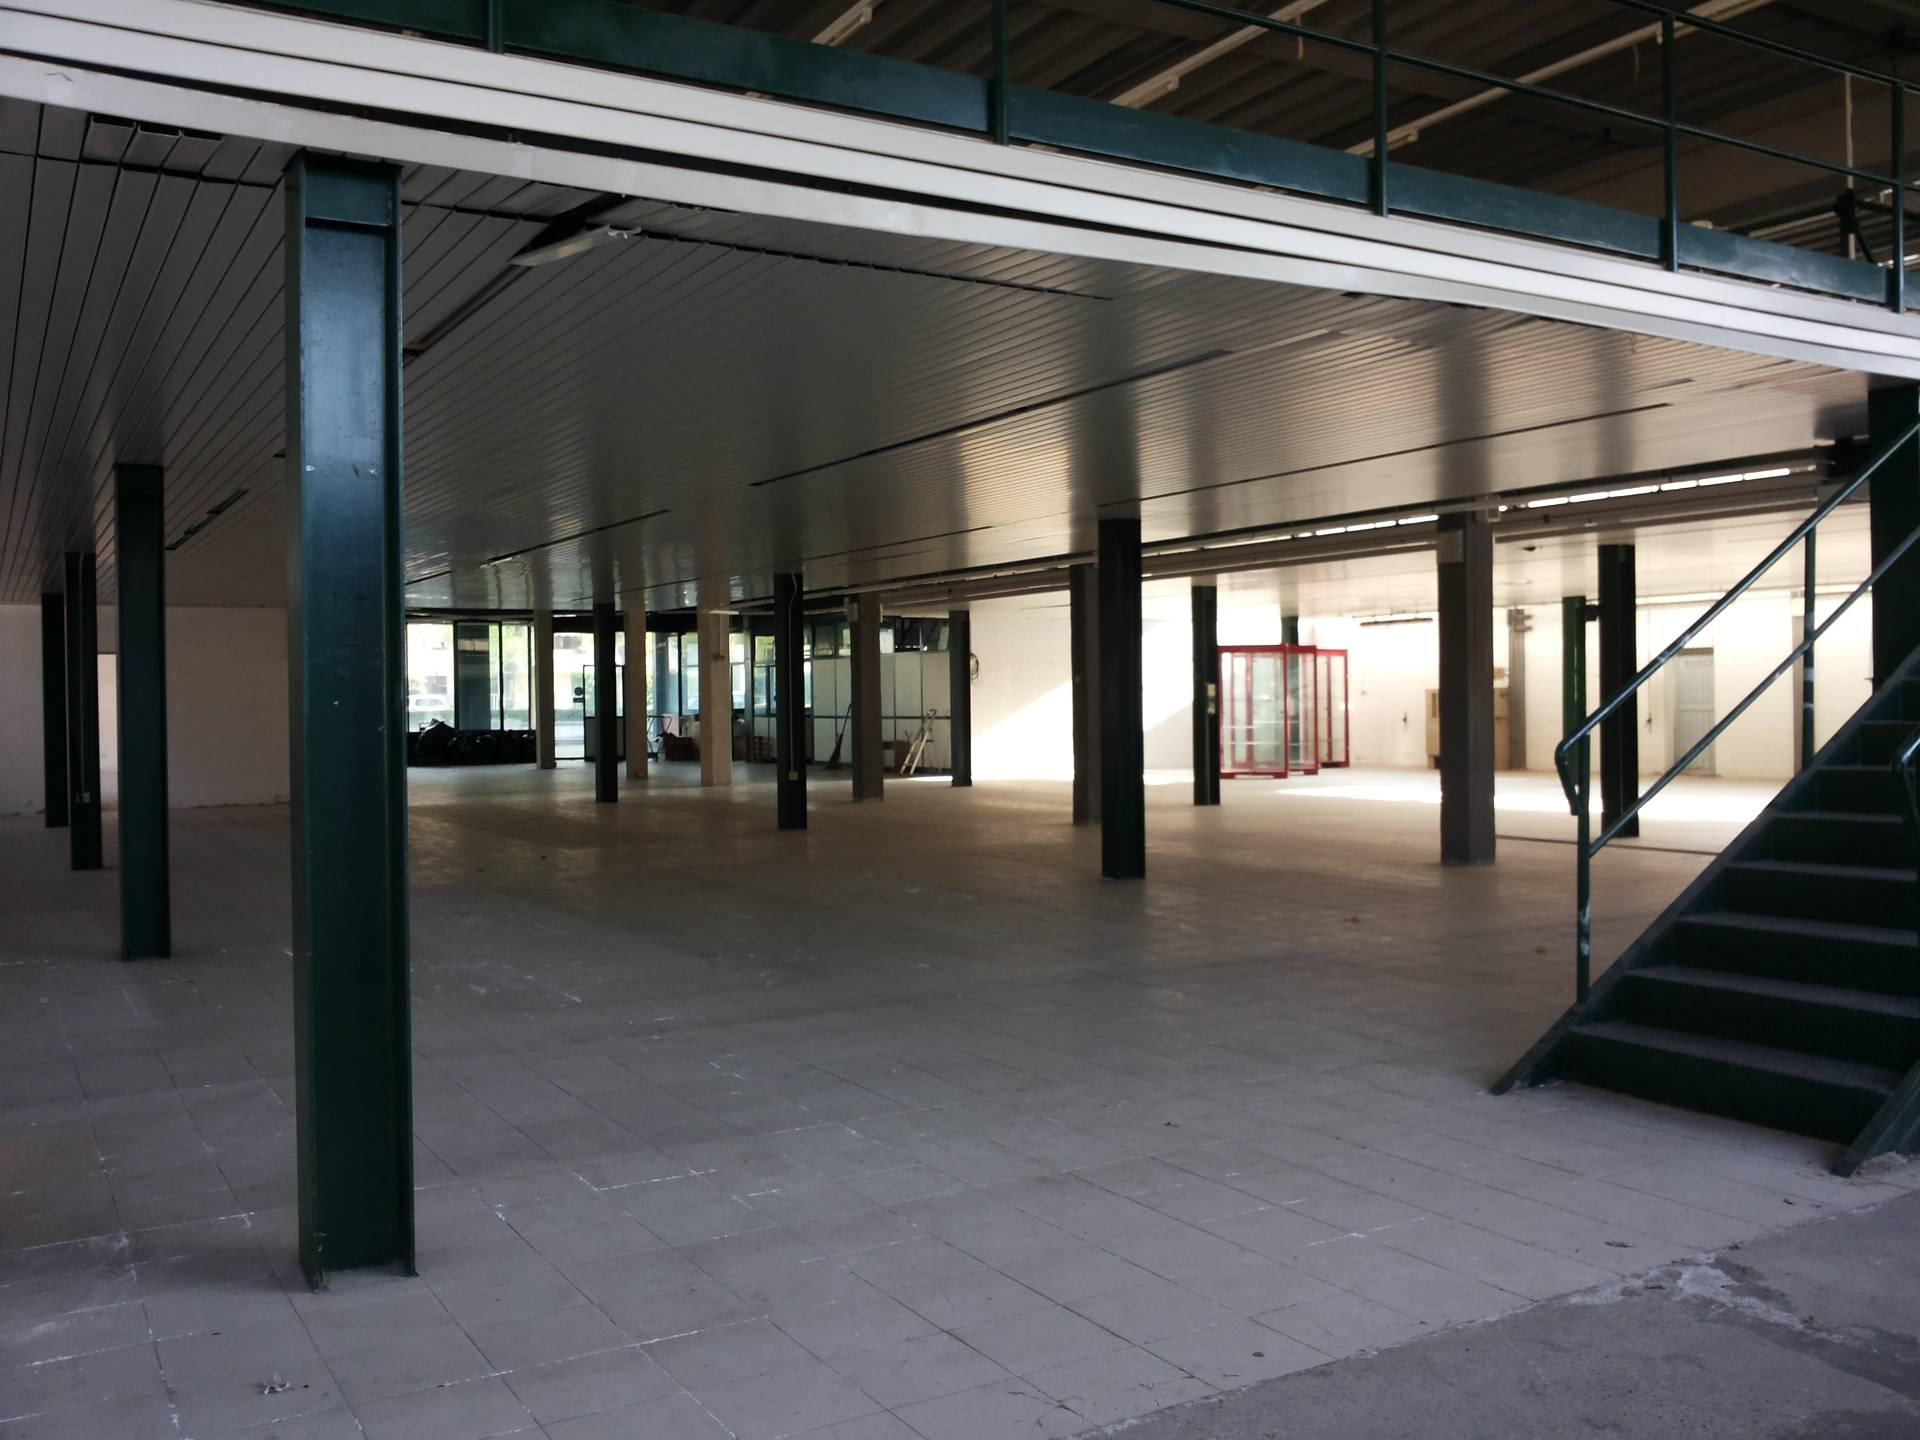 Negozio / Locale in vendita a Calcinaia, 9999 locali, zona Zona: Fornacette, prezzo € 1.000.000 | CambioCasa.it